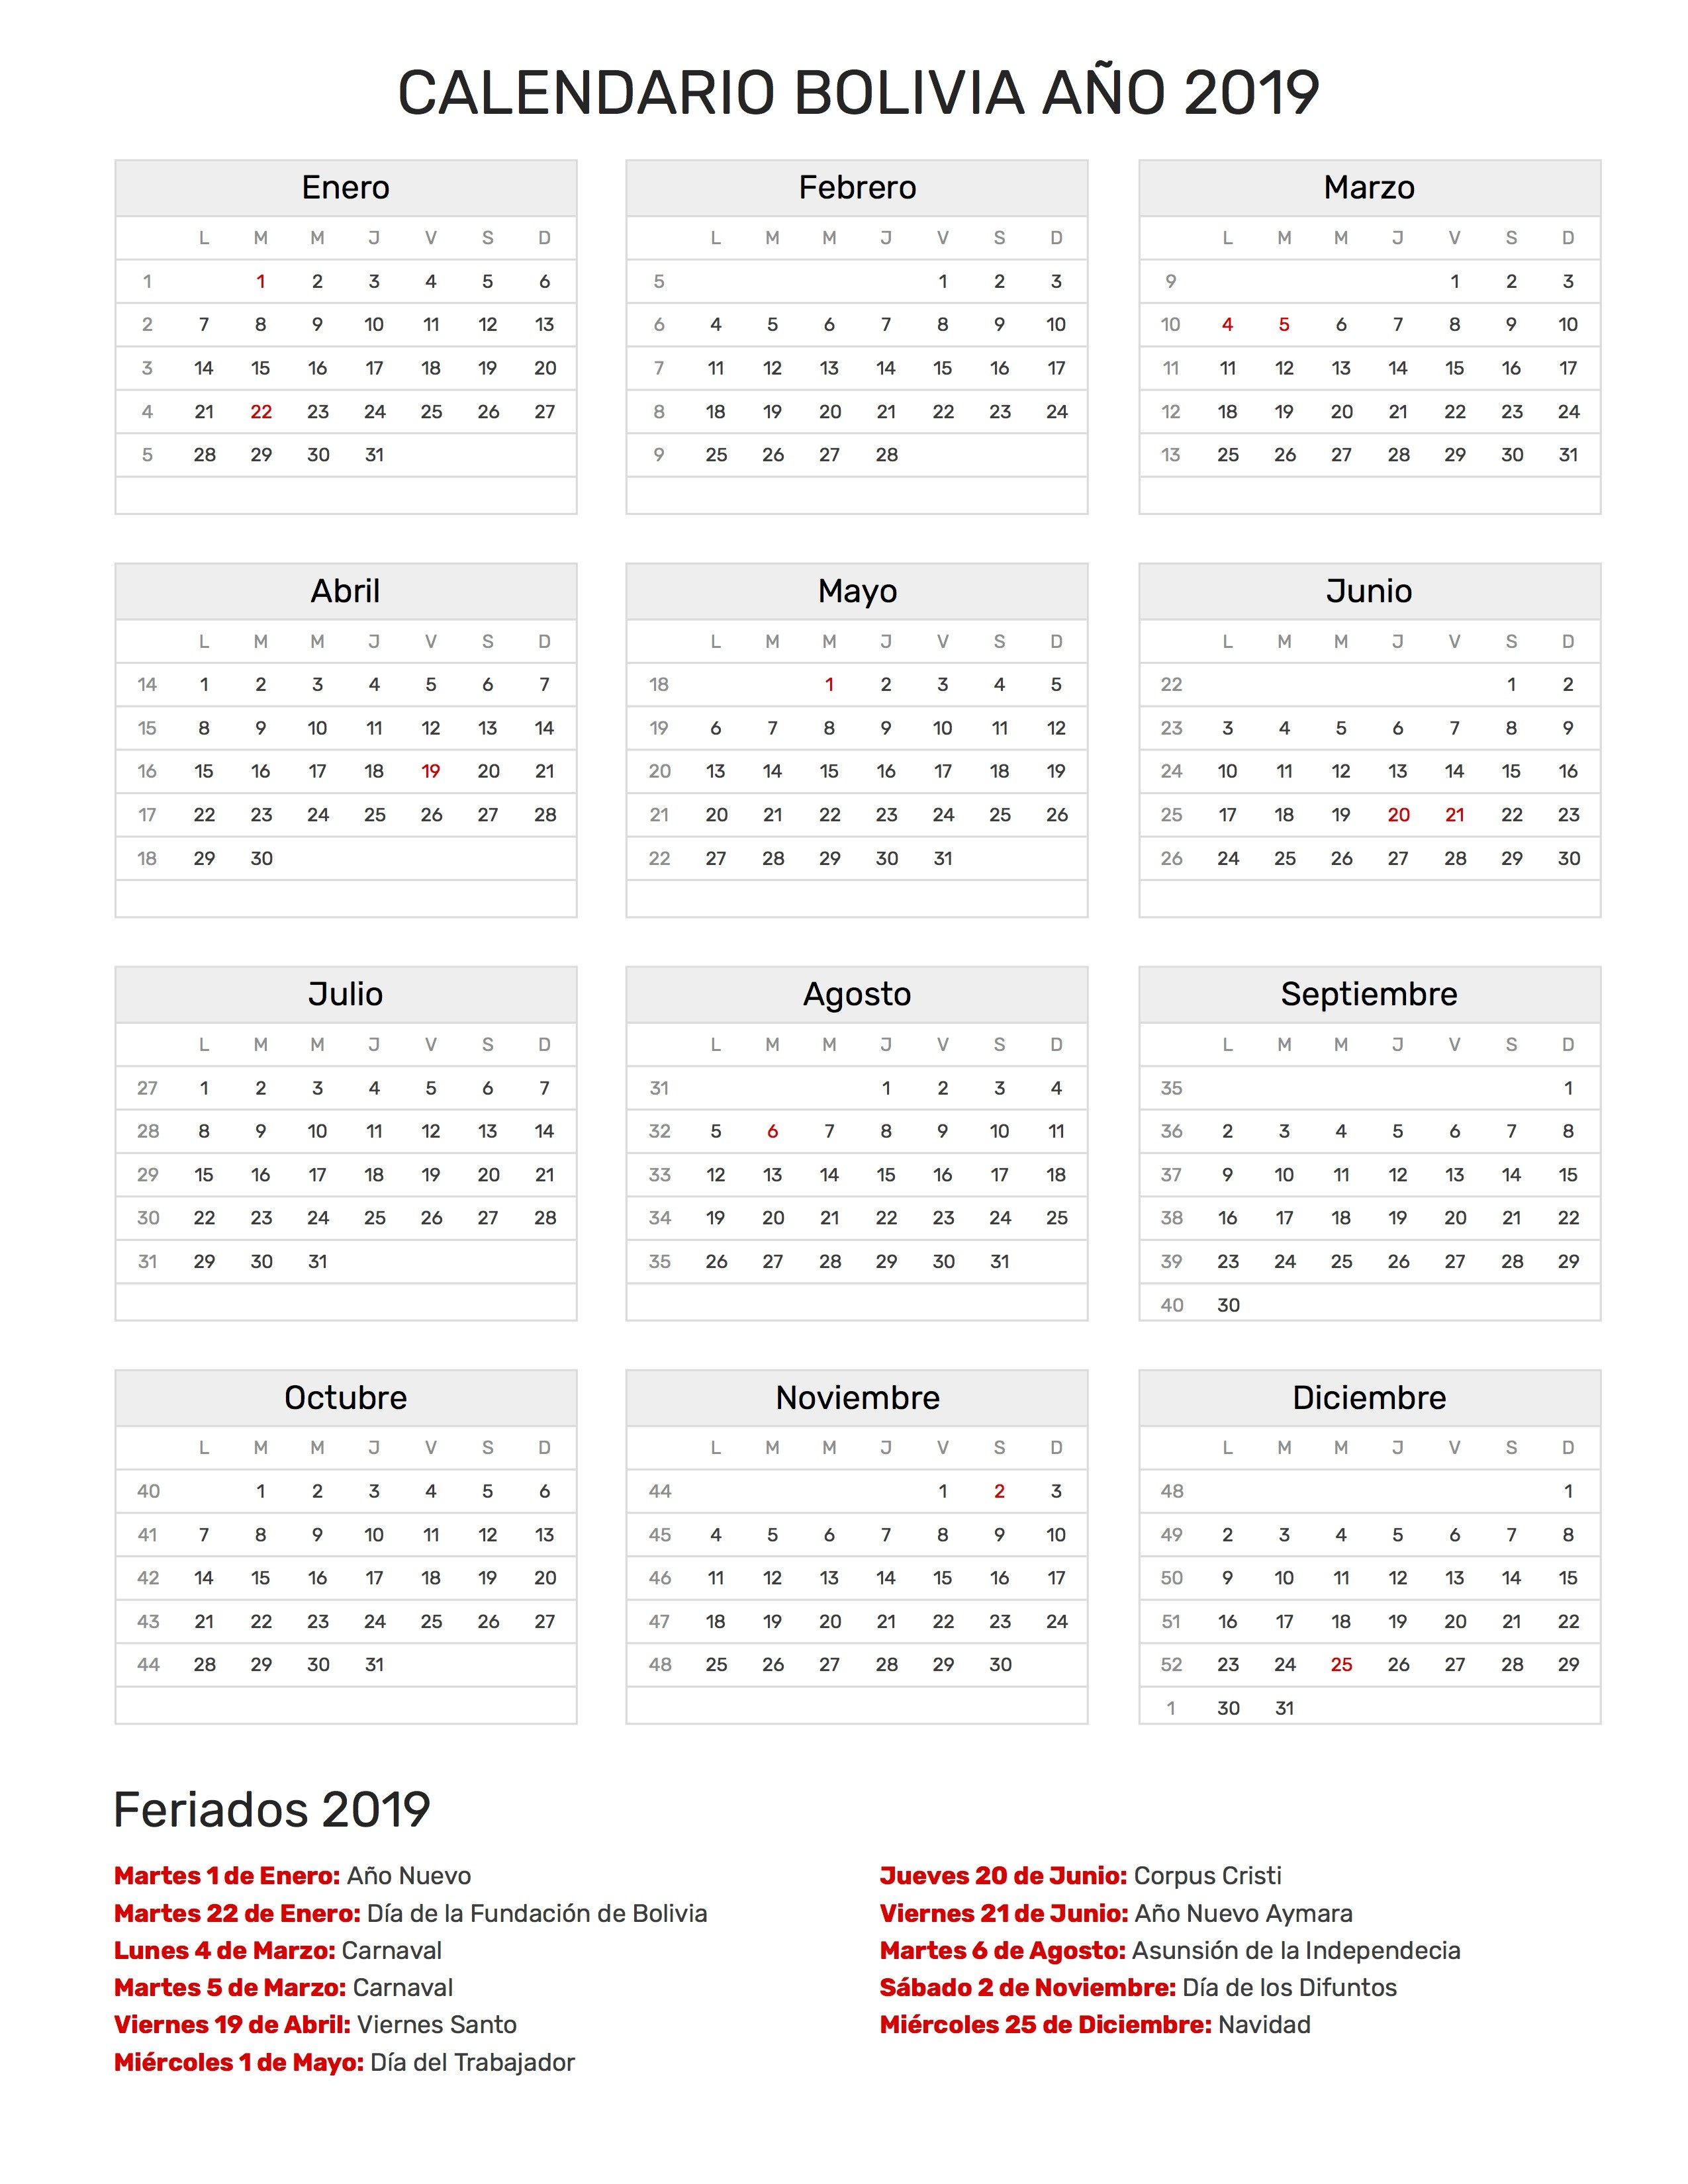 Calendario Fiestas Abril 2019 Más Recientemente Liberado Calendario Bolivia A±o 2019 Of Calendario Fiestas Abril 2019 Más Recientes Calendario Laboral Ayuntamiento De Valdemoro